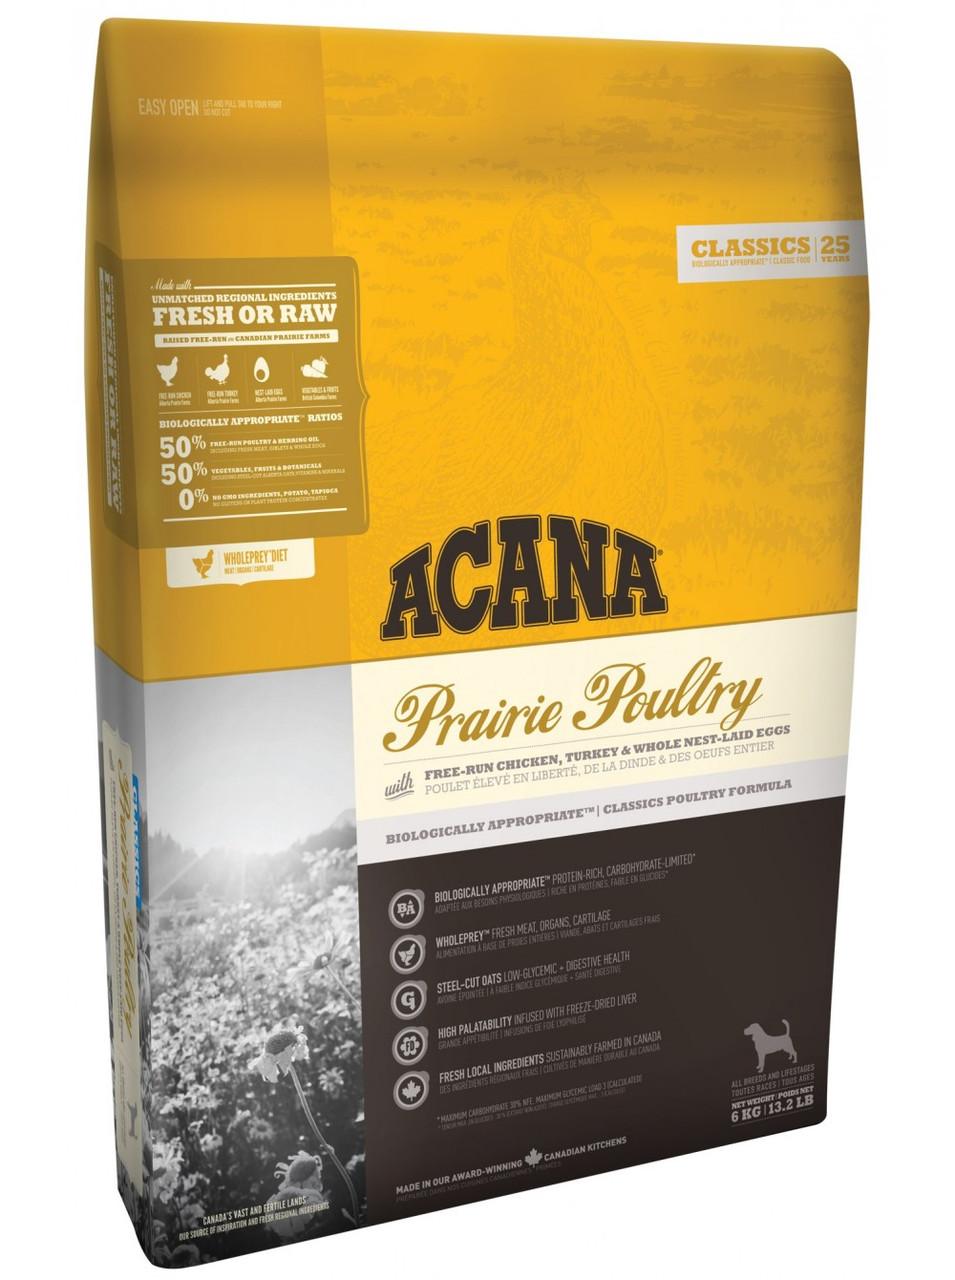 ACANA PRAIRIE POULTRY, сухой корм для собак всех пород и возрастов, 6 кг